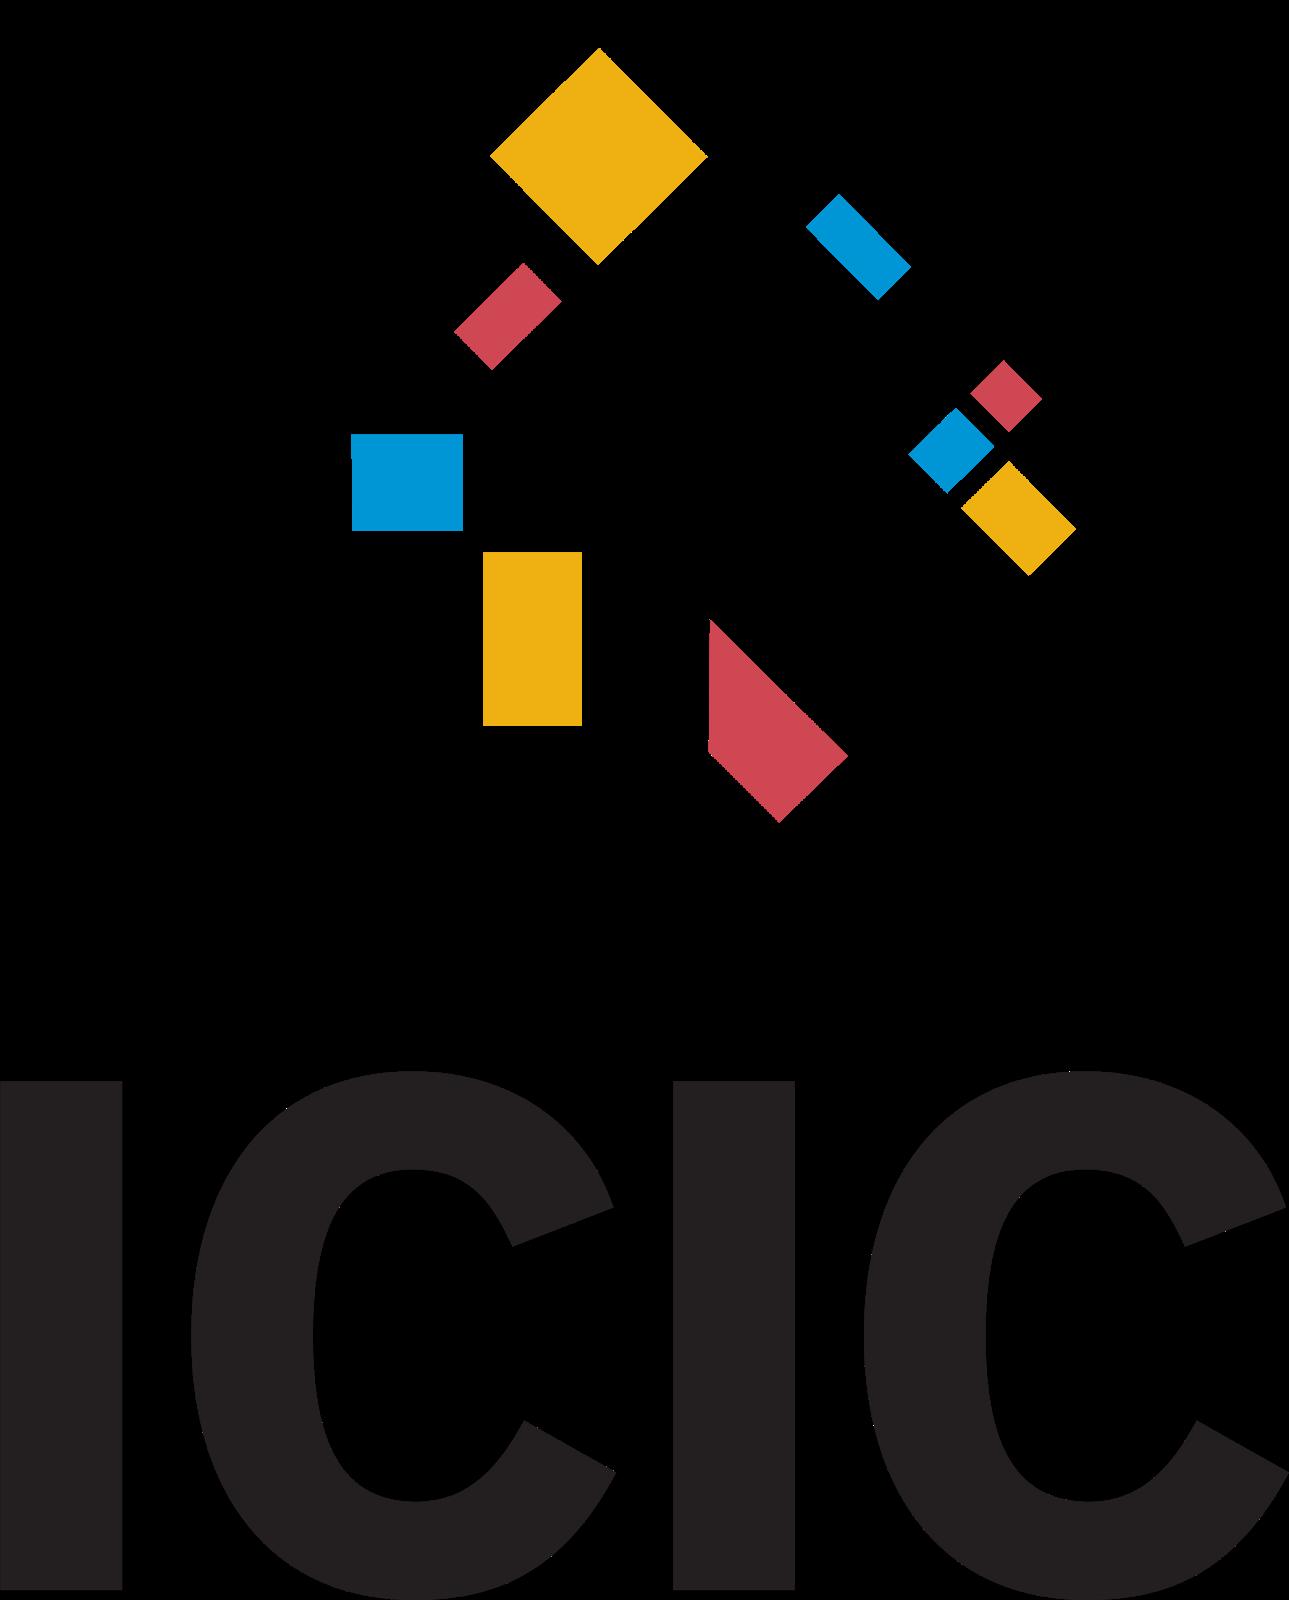 ICCC logo 2.png